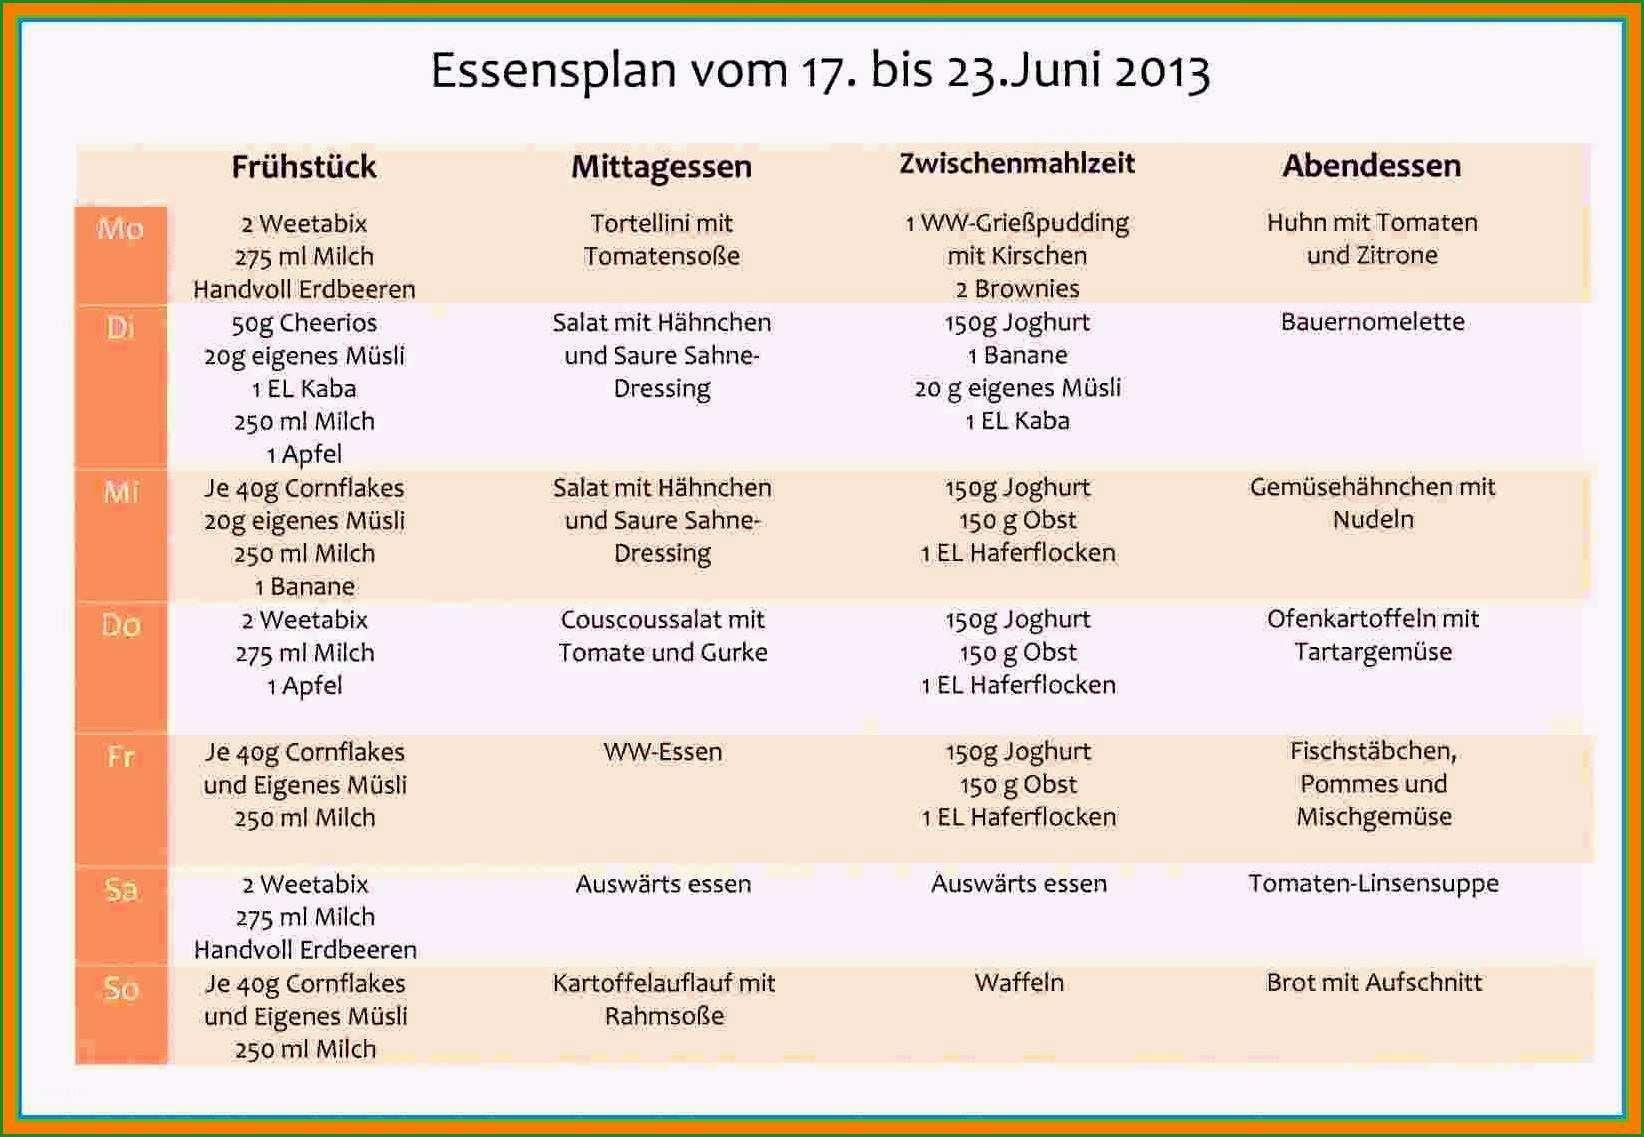 8 essensplan vorlage